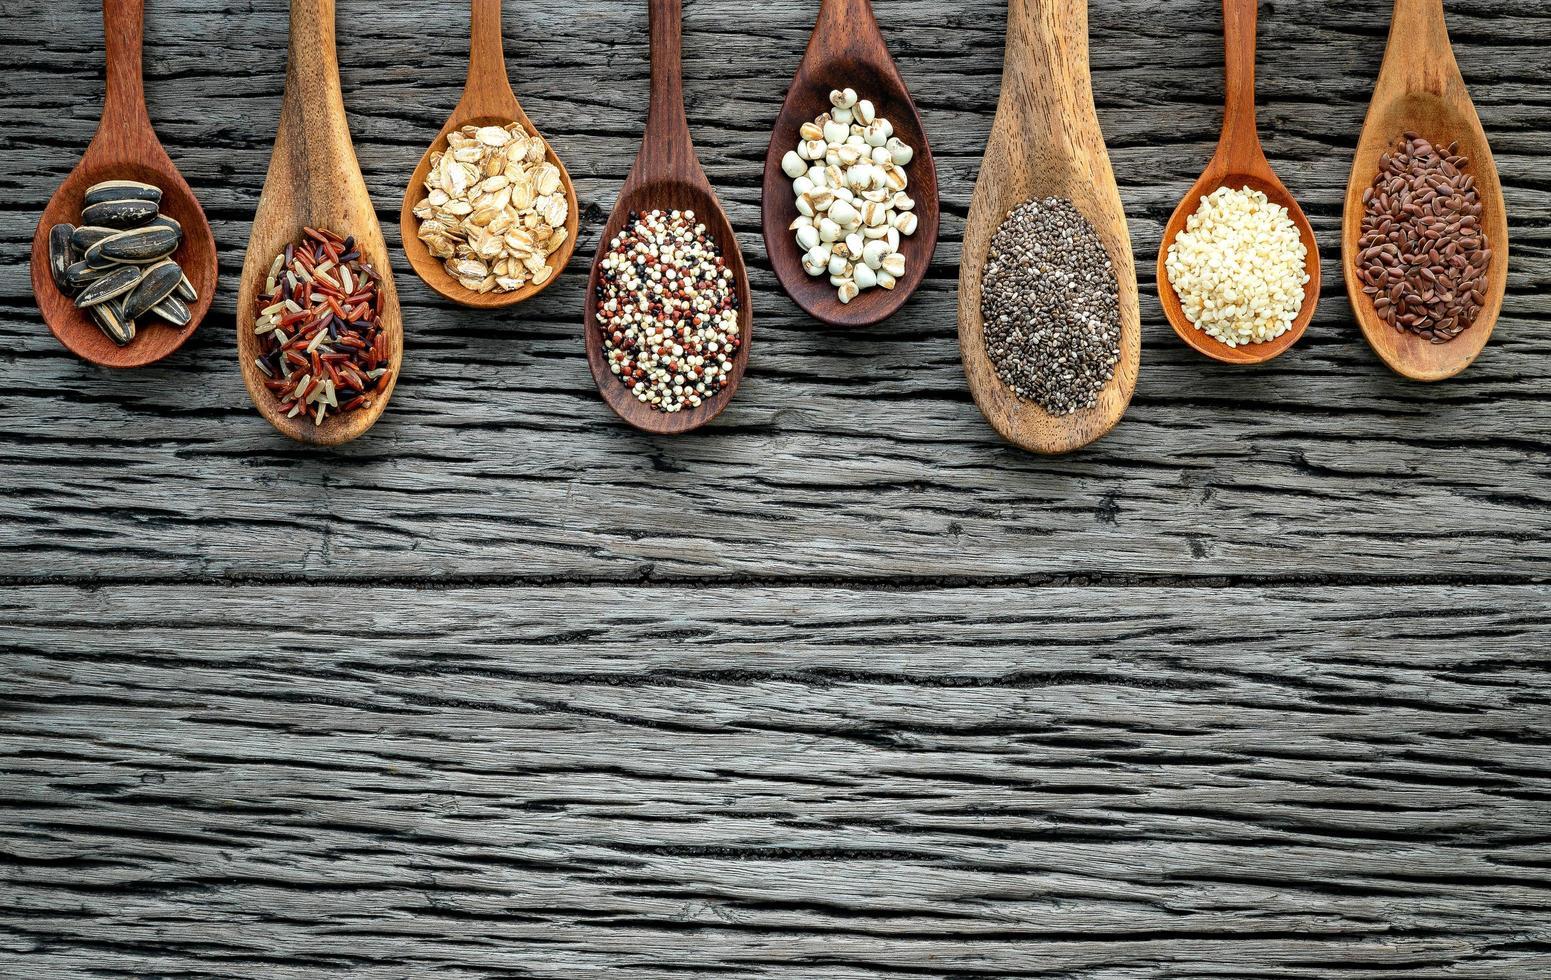 granos surtidos en cucharas de madera foto